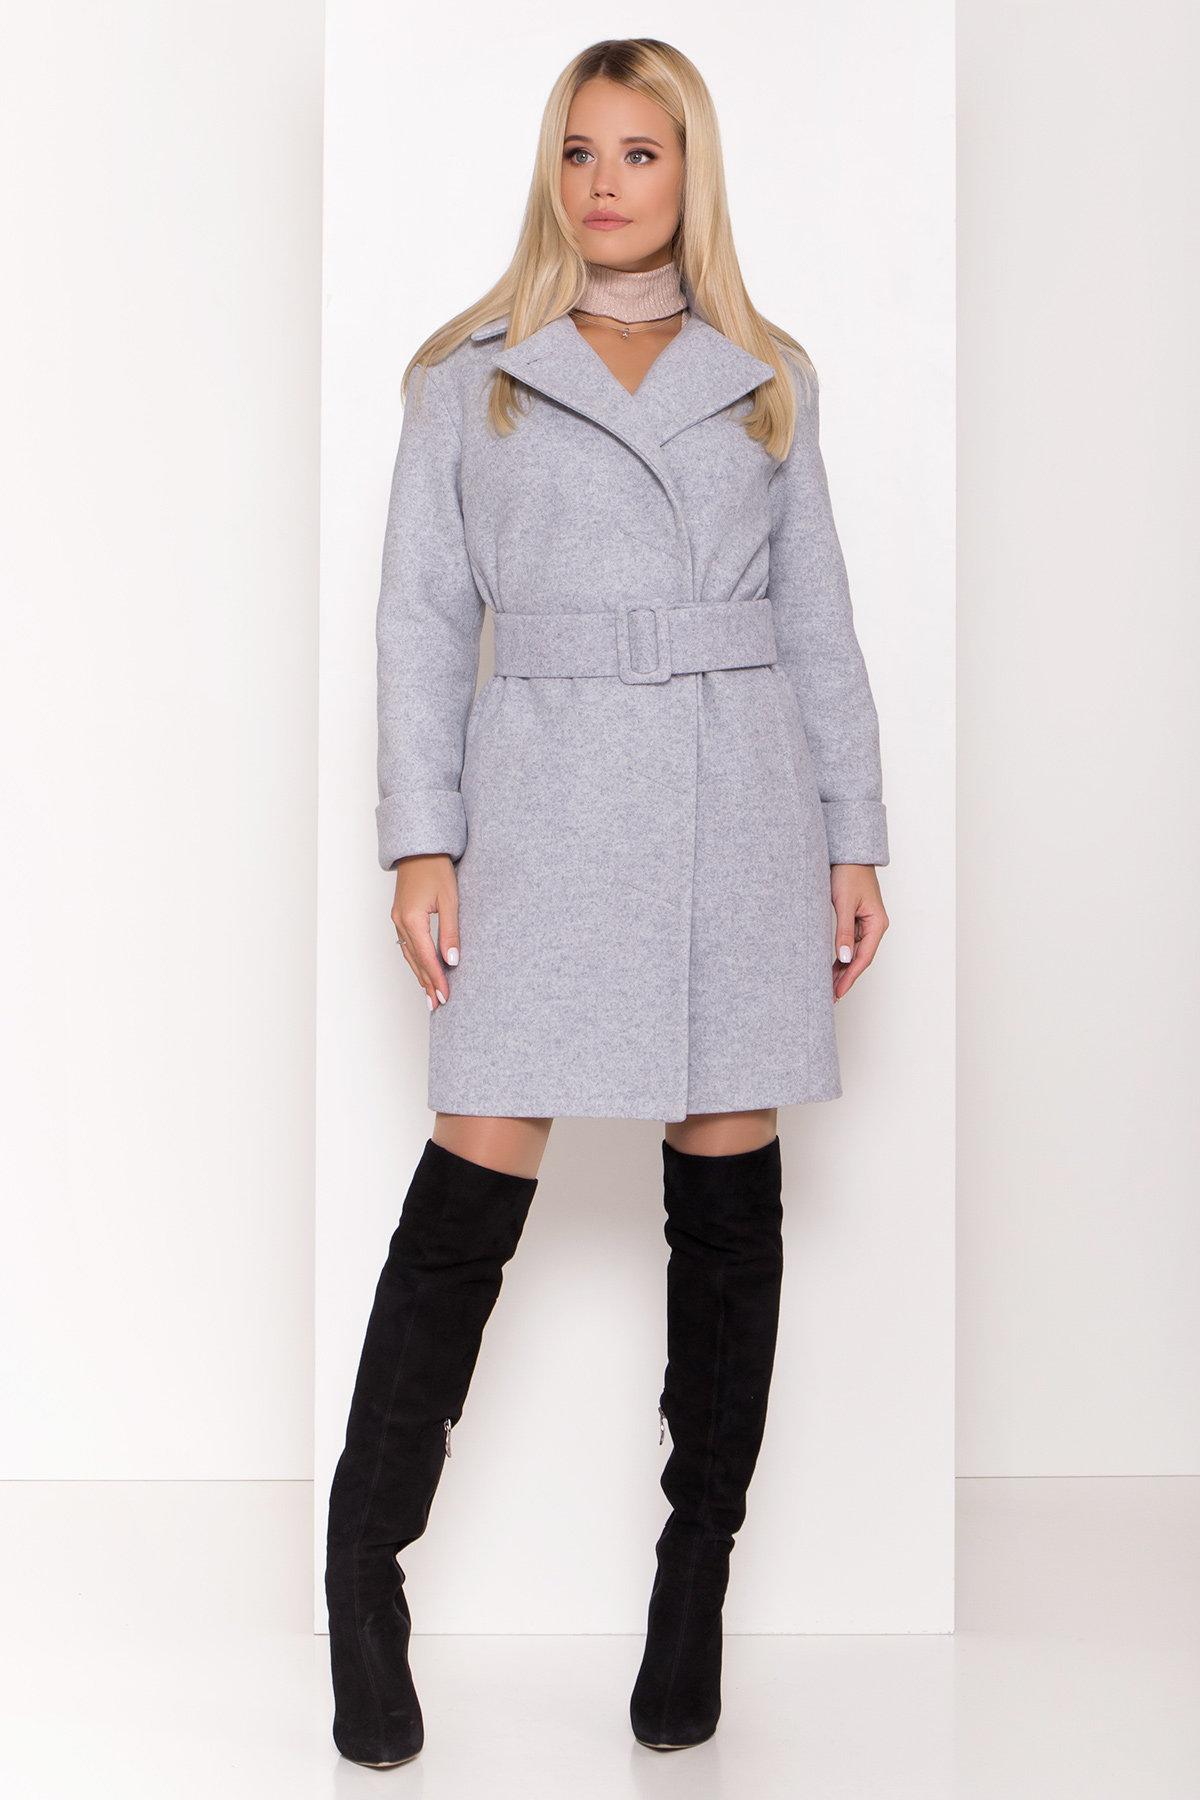 Купить зимнее пальто от производителей Стильное зимнее пальто пастельных тонов Лизи 8122